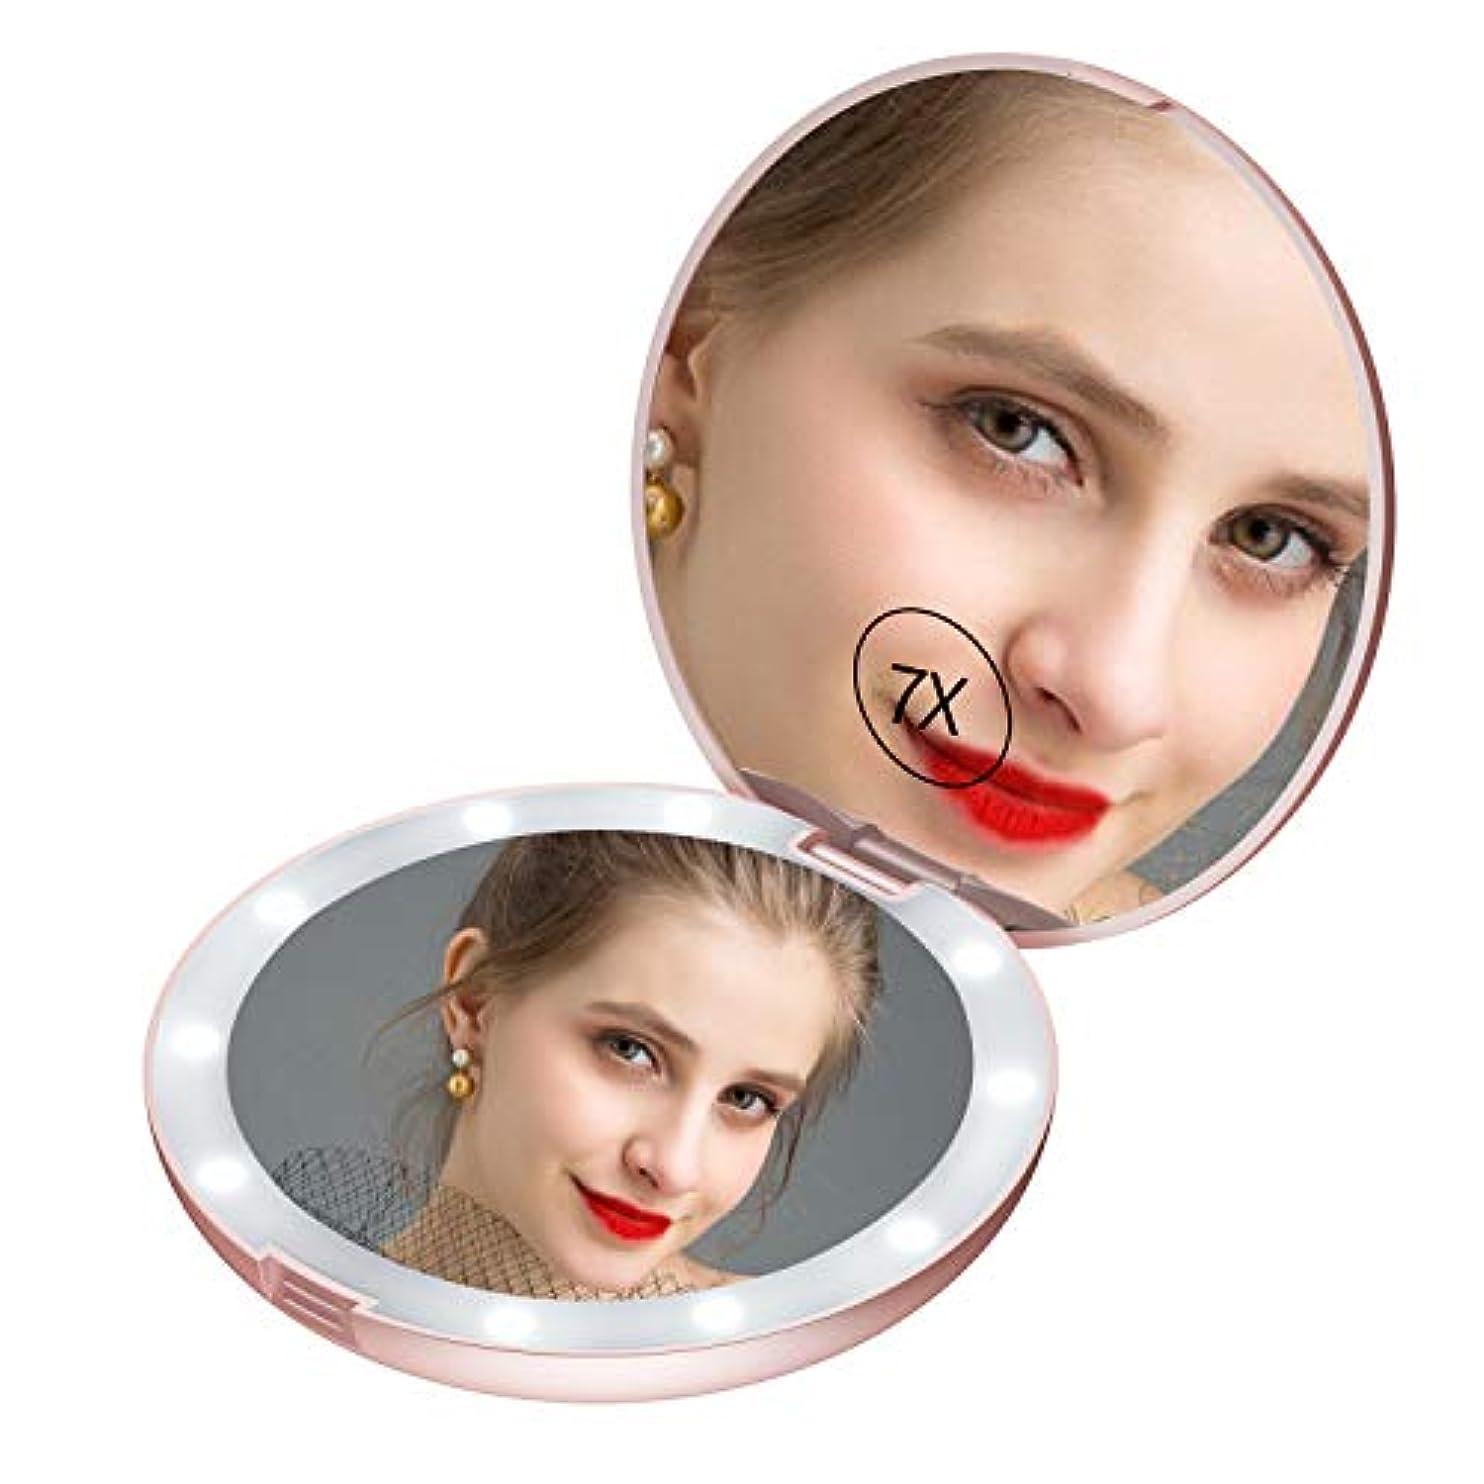 ledミラー コンパクト led鏡 手鏡 コンパクト 女優ミラー 携帯 女優ミラー コンパクト 両面コンパクトミラー 化粧鏡 7倍拡大鏡 折りたたみミラー コンパクトミラー Gospire